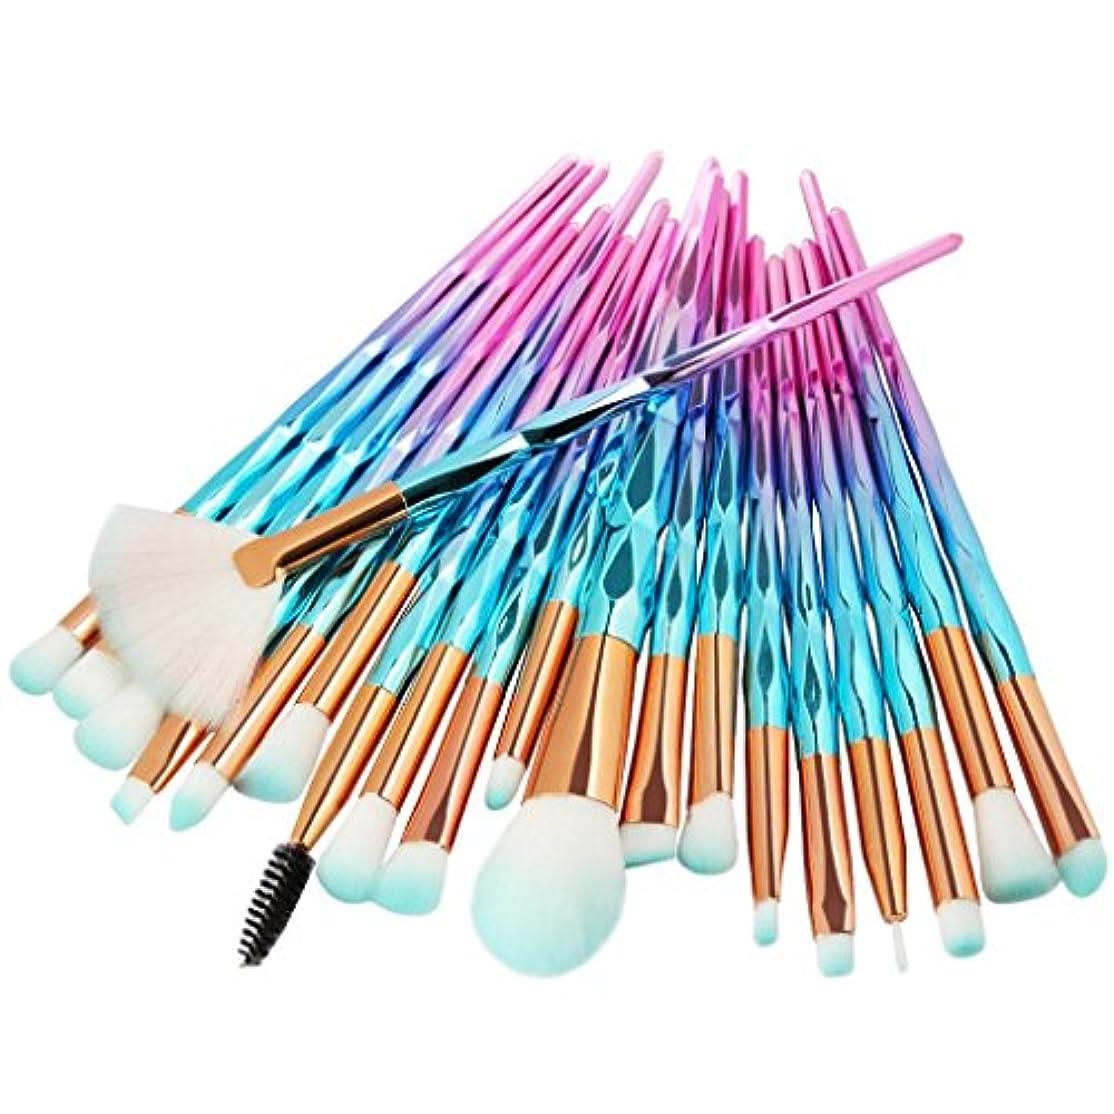 Feteso メイクブラシ メイクブラシセット 多色 20 本セット 人気 化粧ブラシ ふわふわ 敏感肌適用 メイク道具 プレゼント アイシャドウ アイライナー Makeup Brushes Set